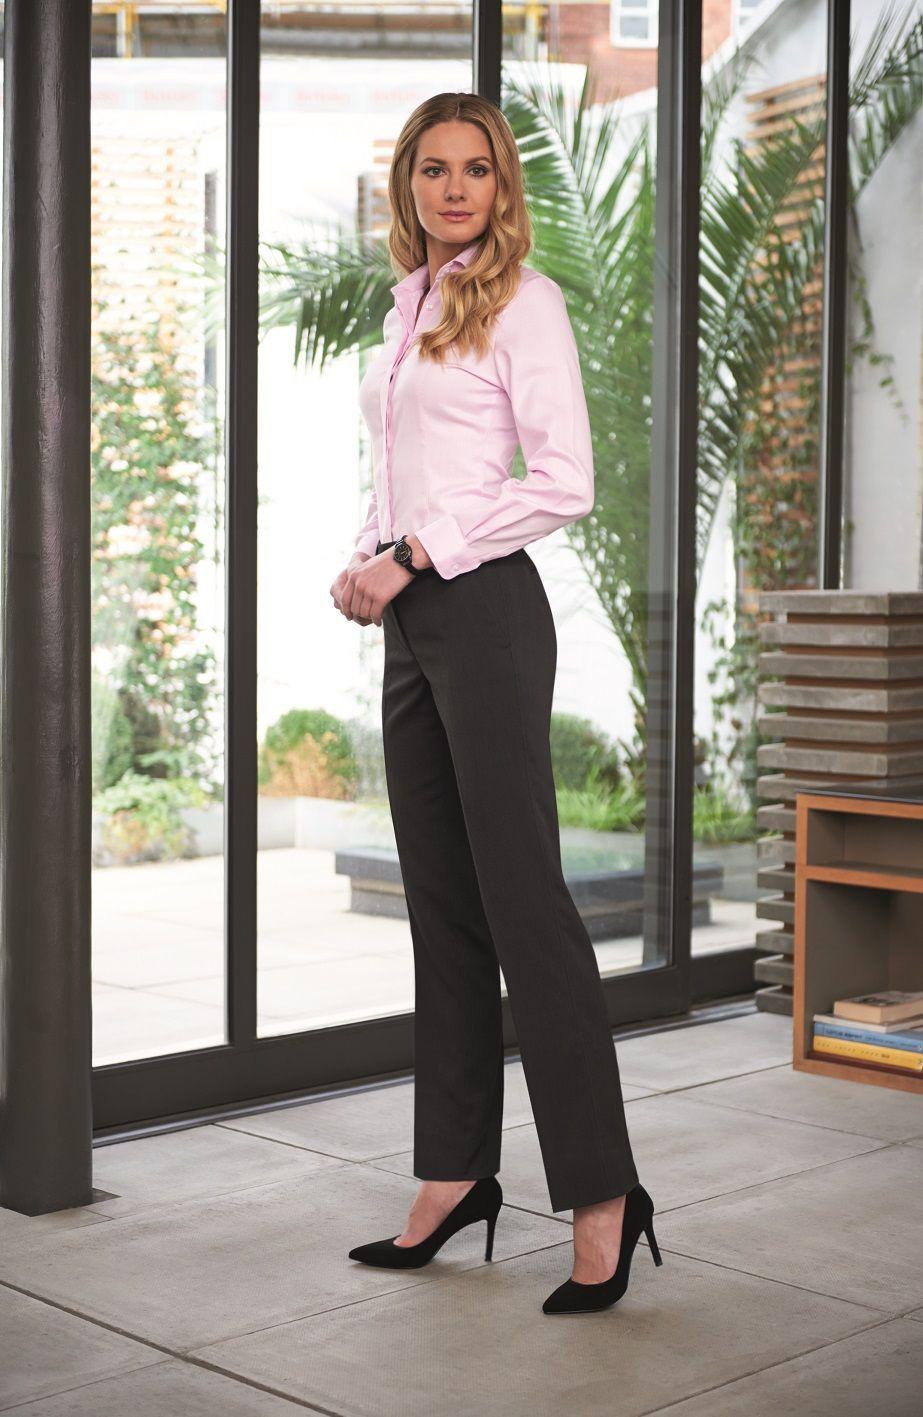 ed744525ccd4 dámské kalhoty a košile Formální Oblečení